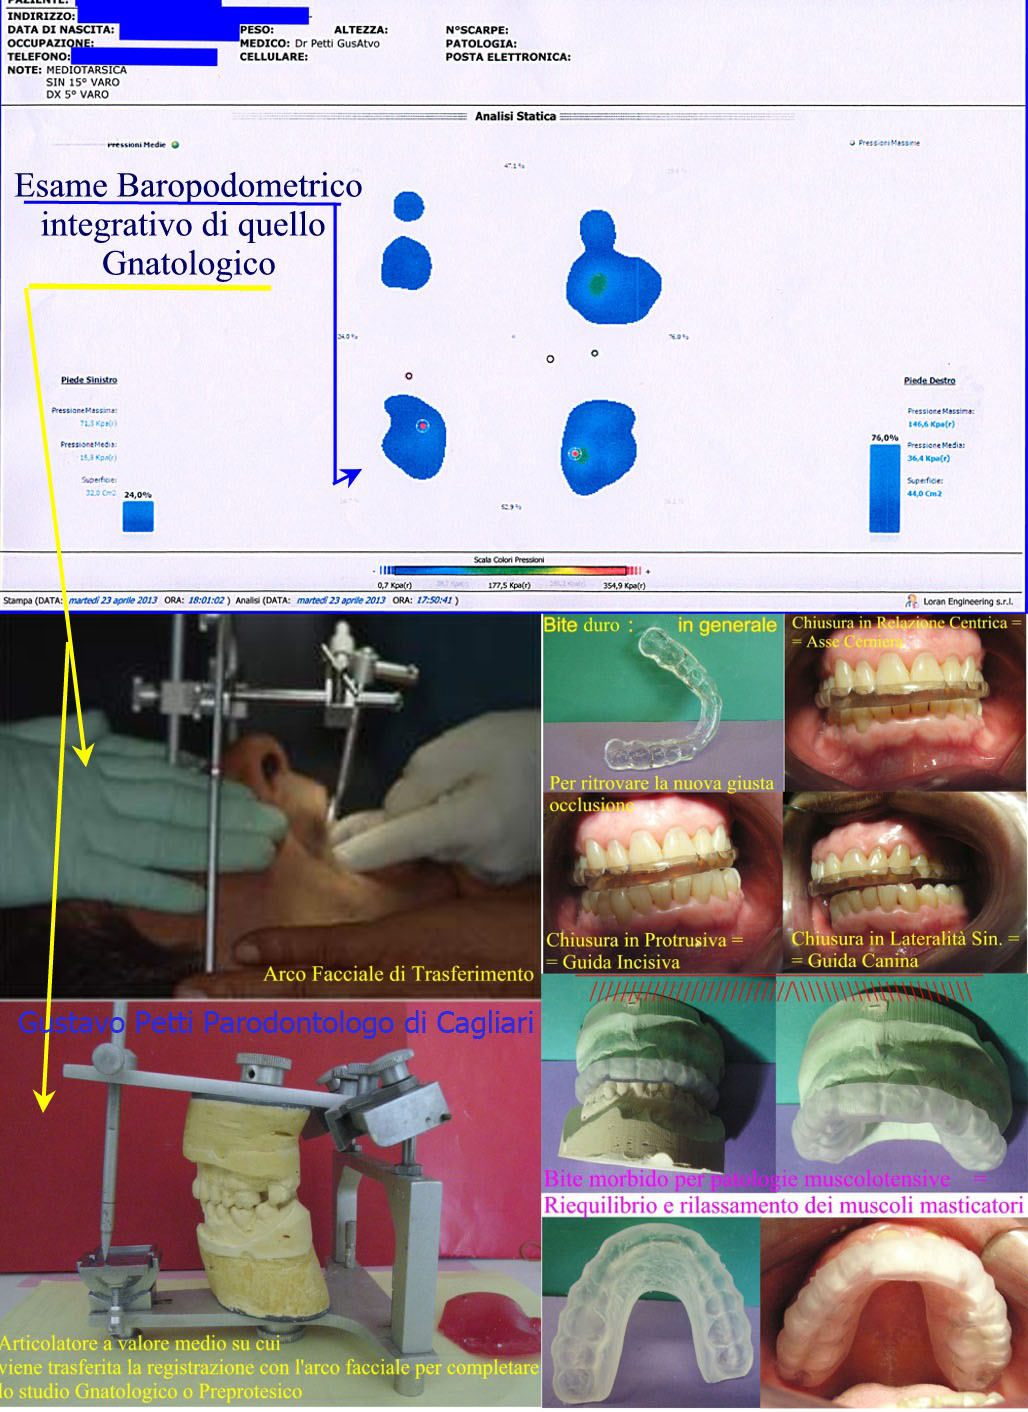 gnatologia-dr-g.petti-cagliari-290.jpg